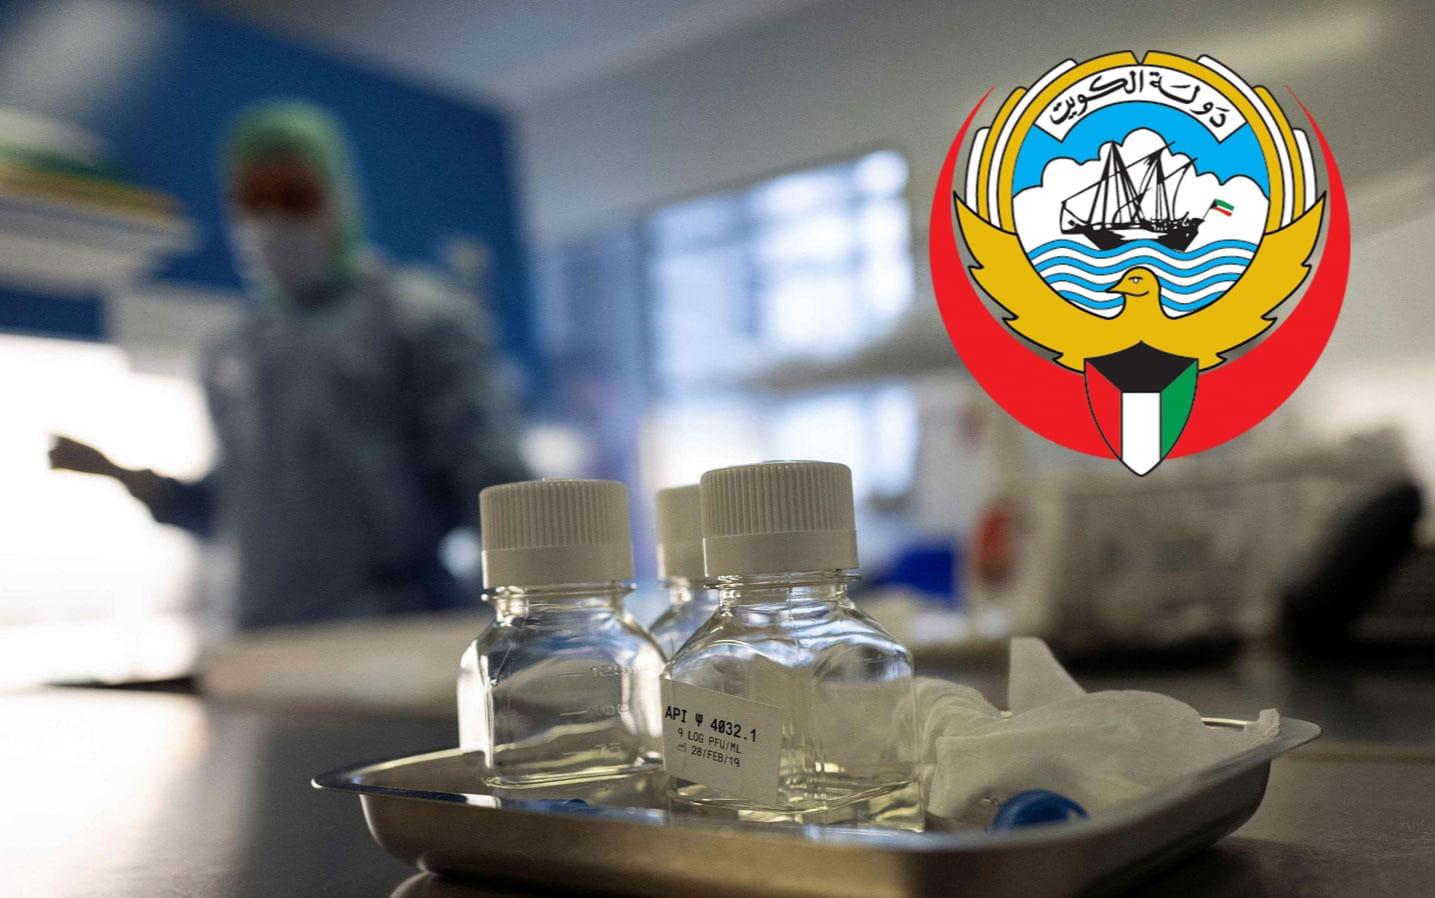 ٢٠٢١٠٦١٠ ٢٠٣٥٣٤ - #الصحة: 84 وفيات و1709 إصابة جديدة ب #كورونا  - شفاء 1316 حالة.. و160 حالة بالعناية المركزة.  #العبدلي_نيوز